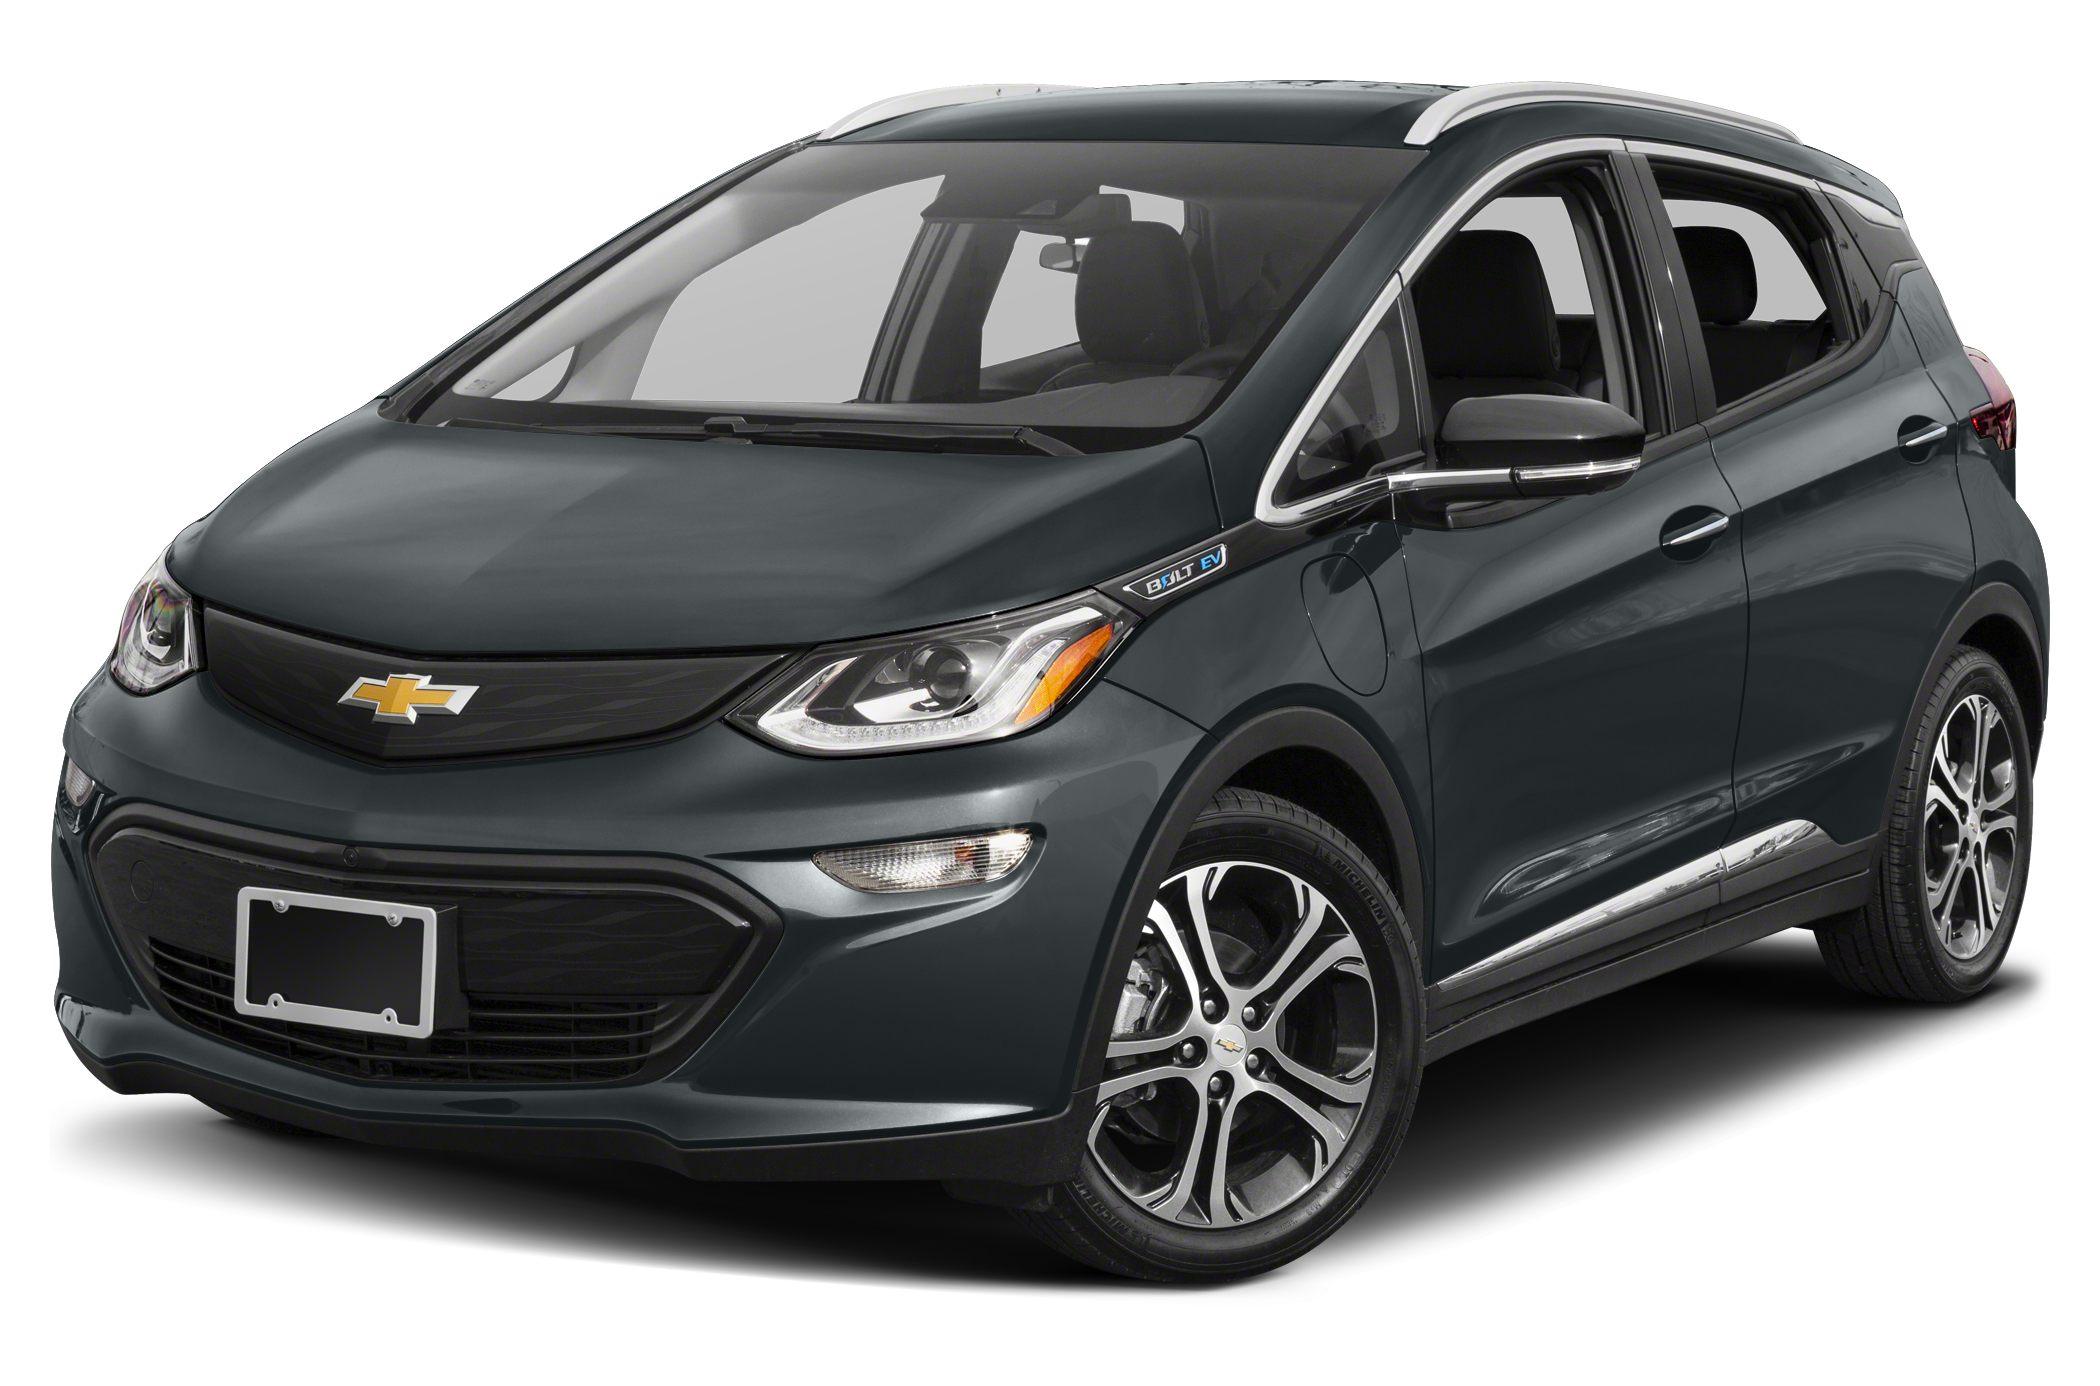 2017 Chevrolet Bolt EV Reviews, Specs and Prices | Cars.com